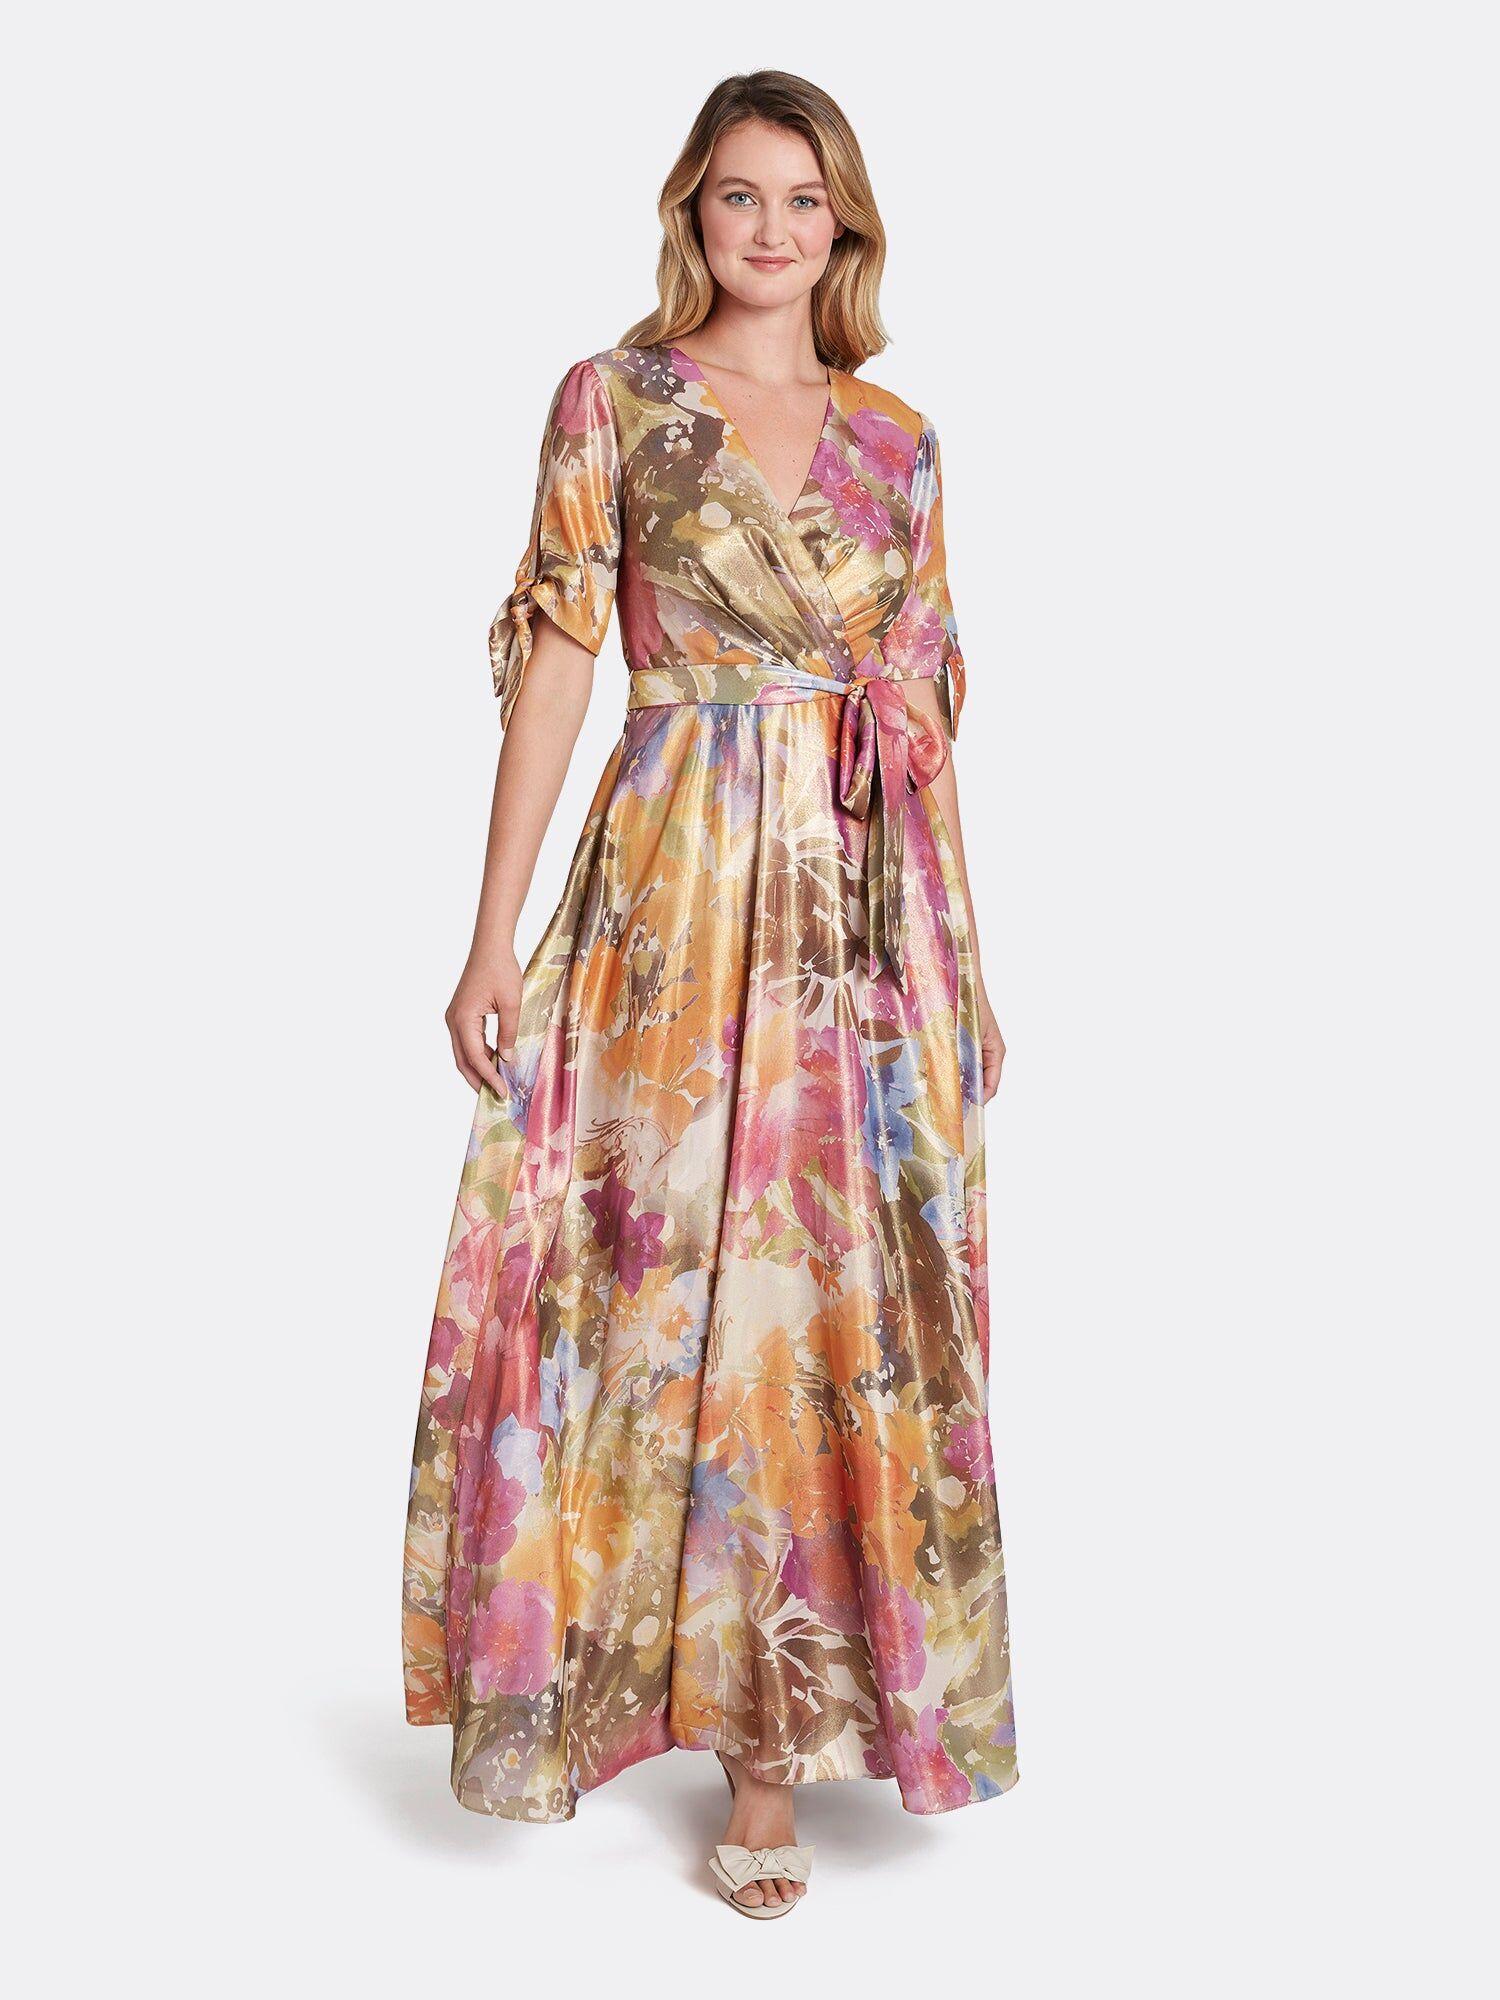 Tahari ASL Floral Tie-Sleeve Gown Wild Aster Garden Size: 2 Georgette